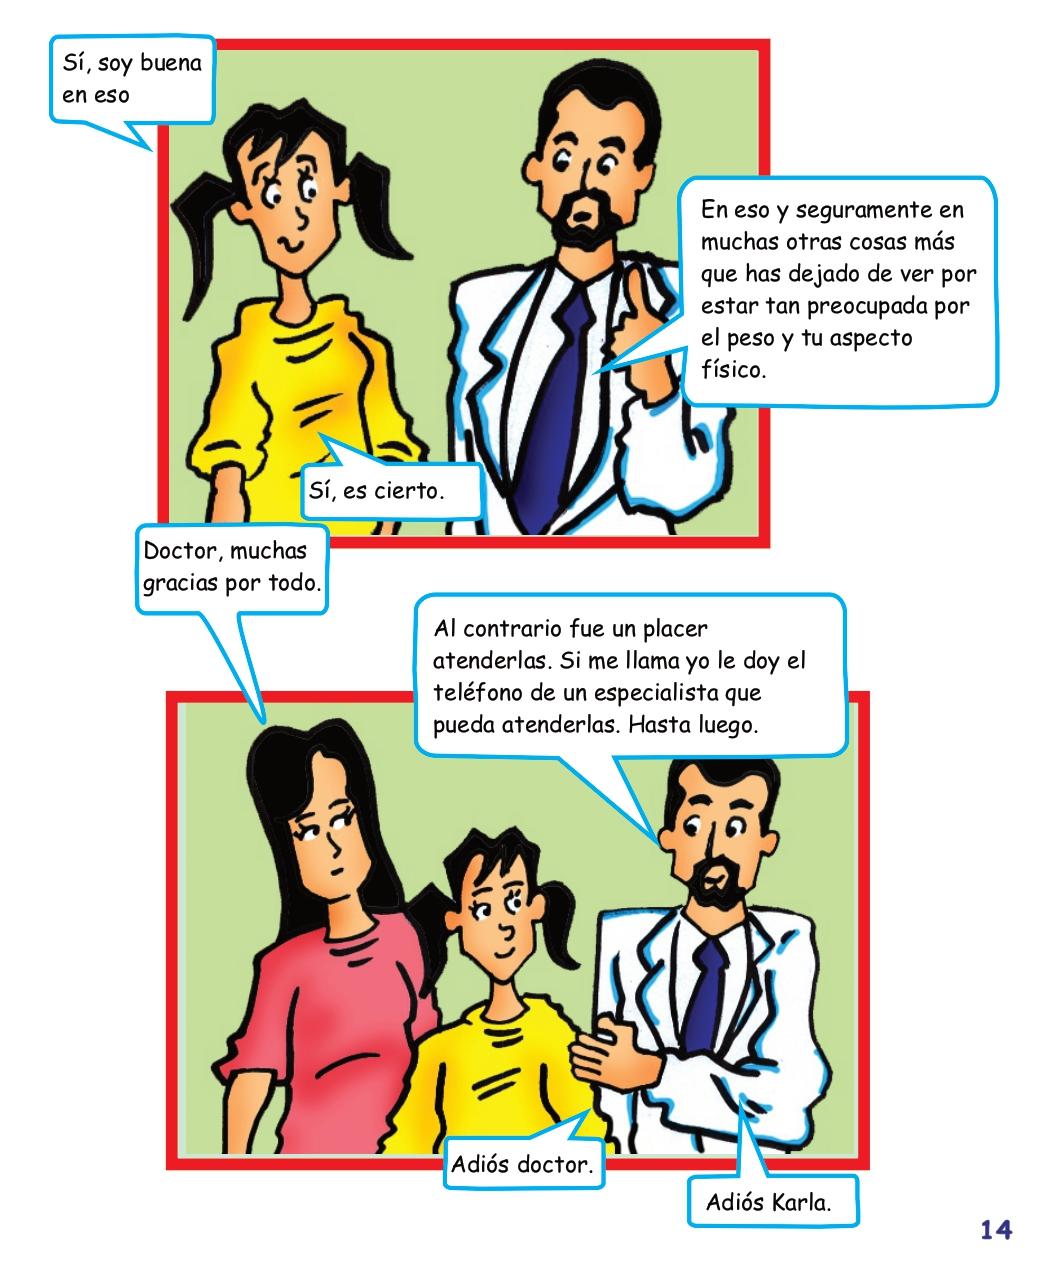 Psicología padres Reyhan cap2 digital_page-0017